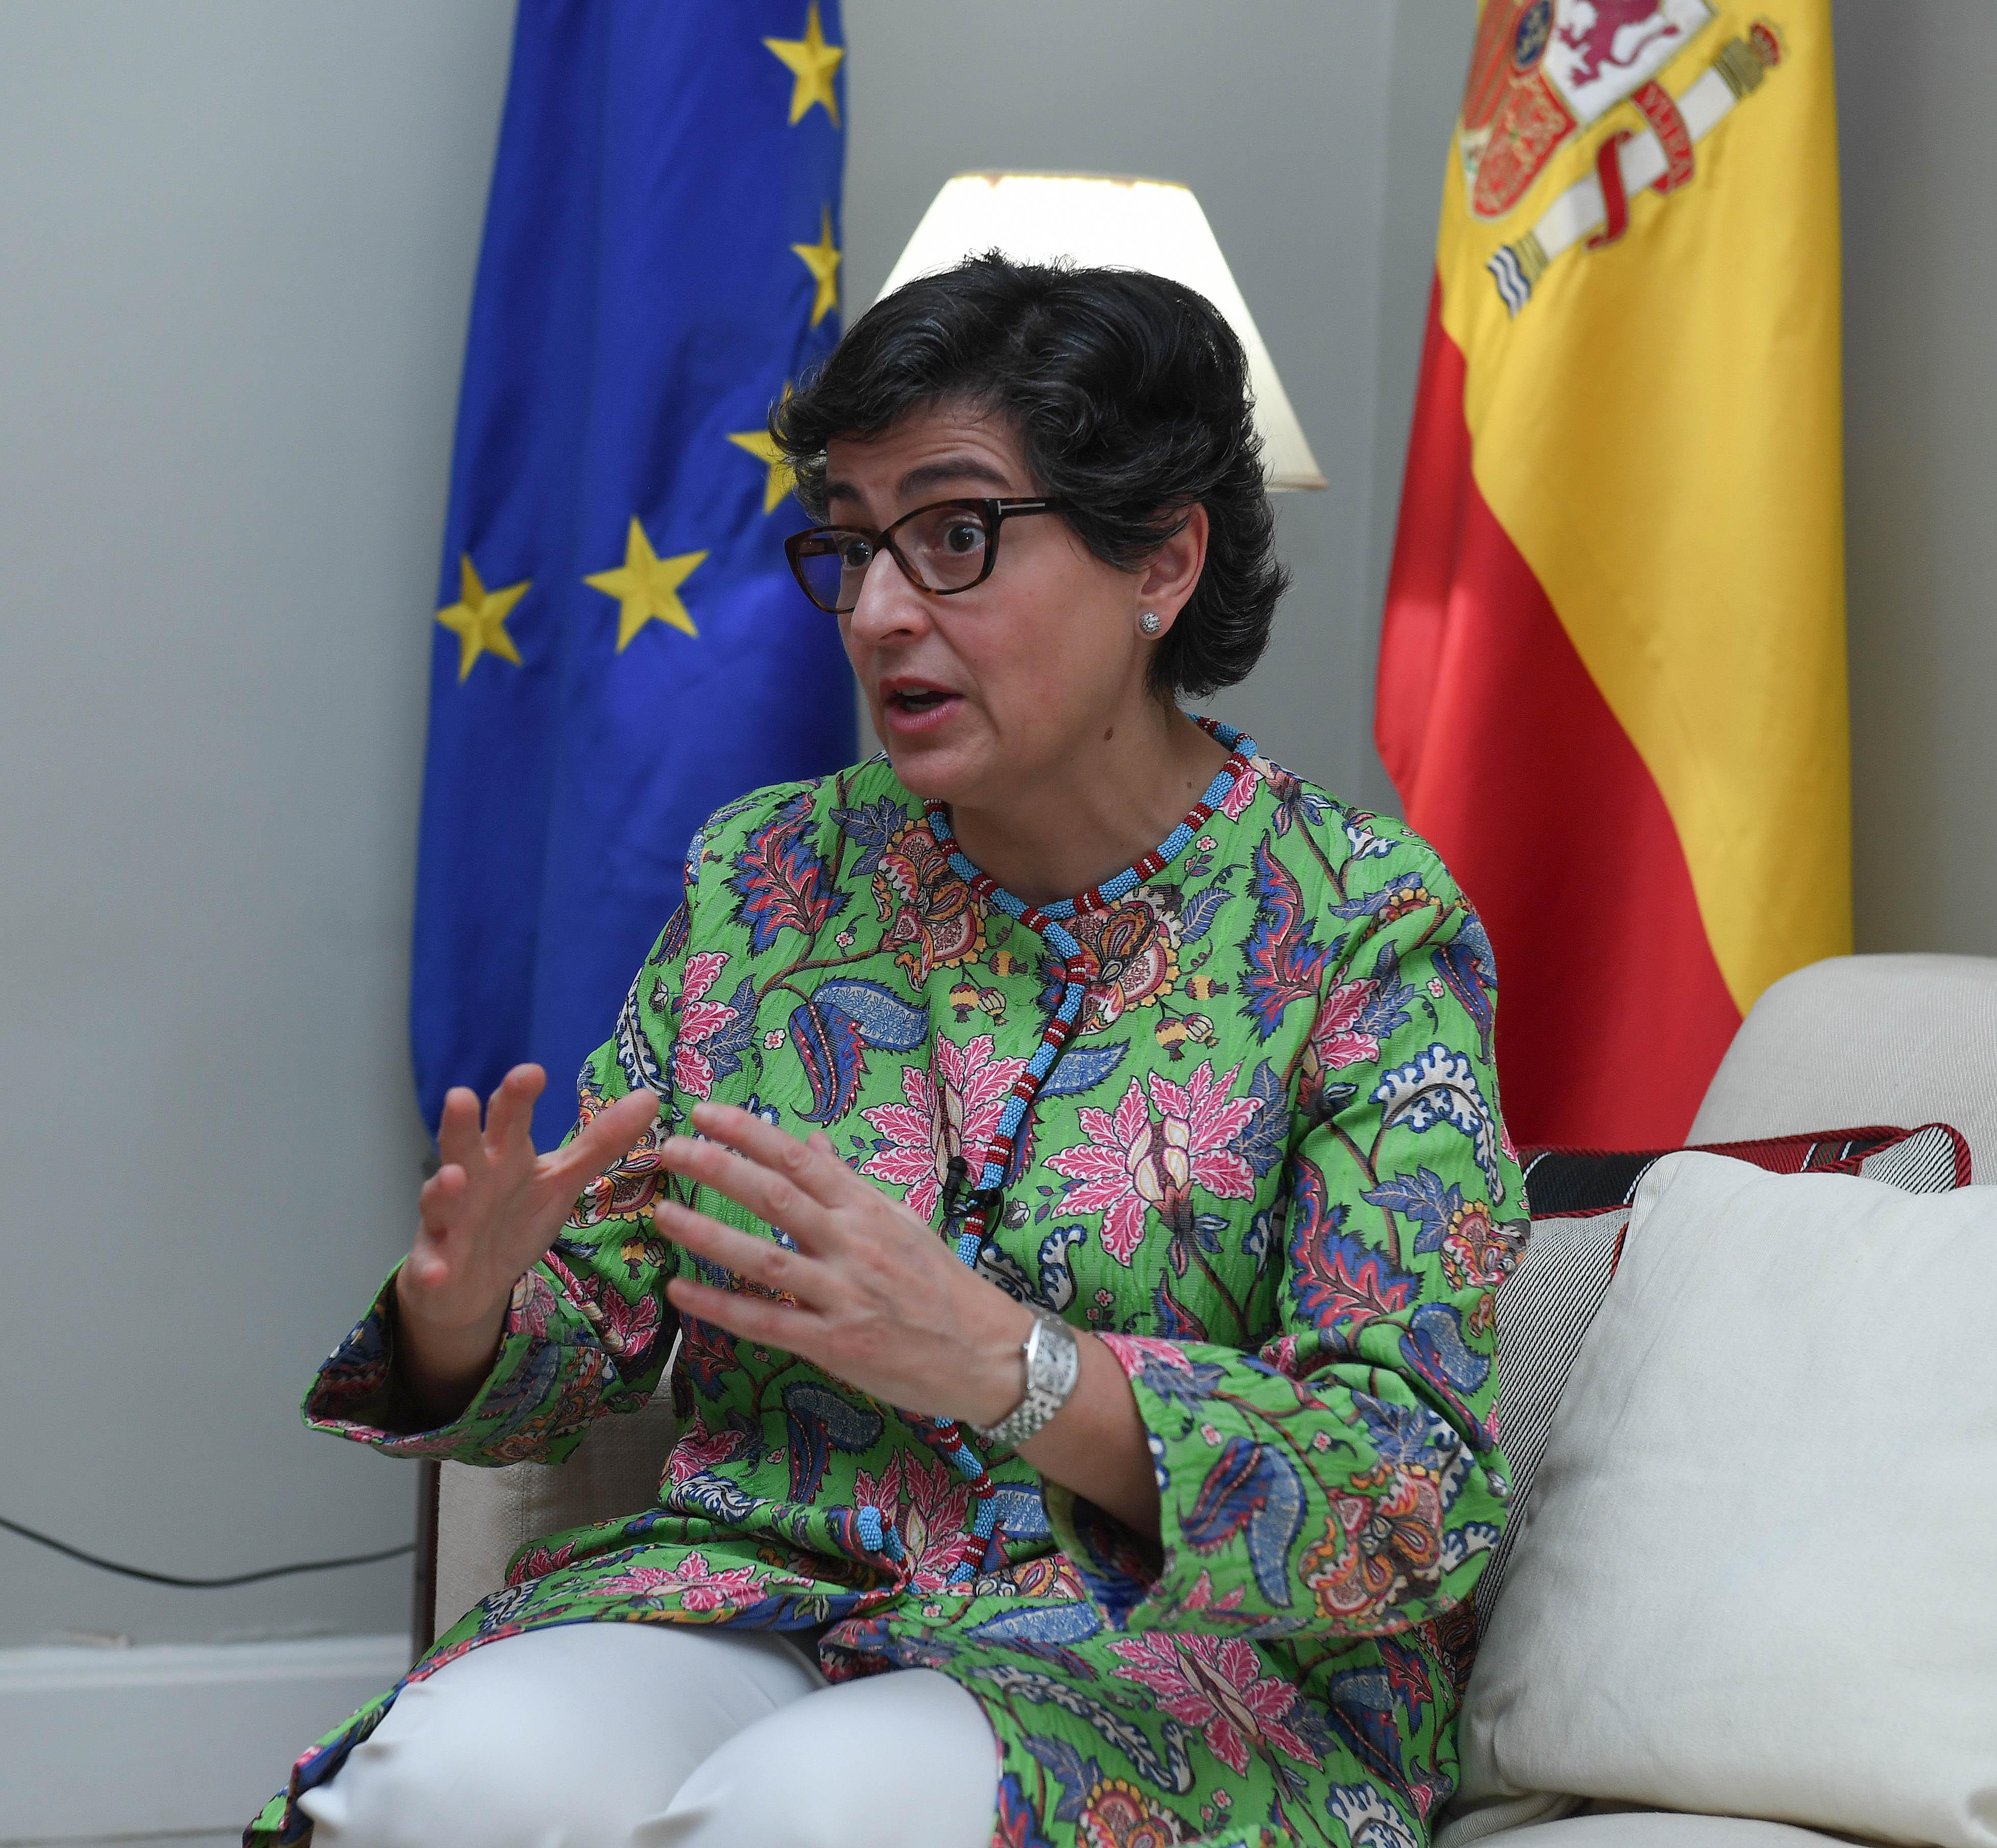 مع معالي وزيرة الشؤون الخارجيه والاتحاد الاوربي بمملكة أسبانيا ٧-٢-٢٠٢١-7.jpg